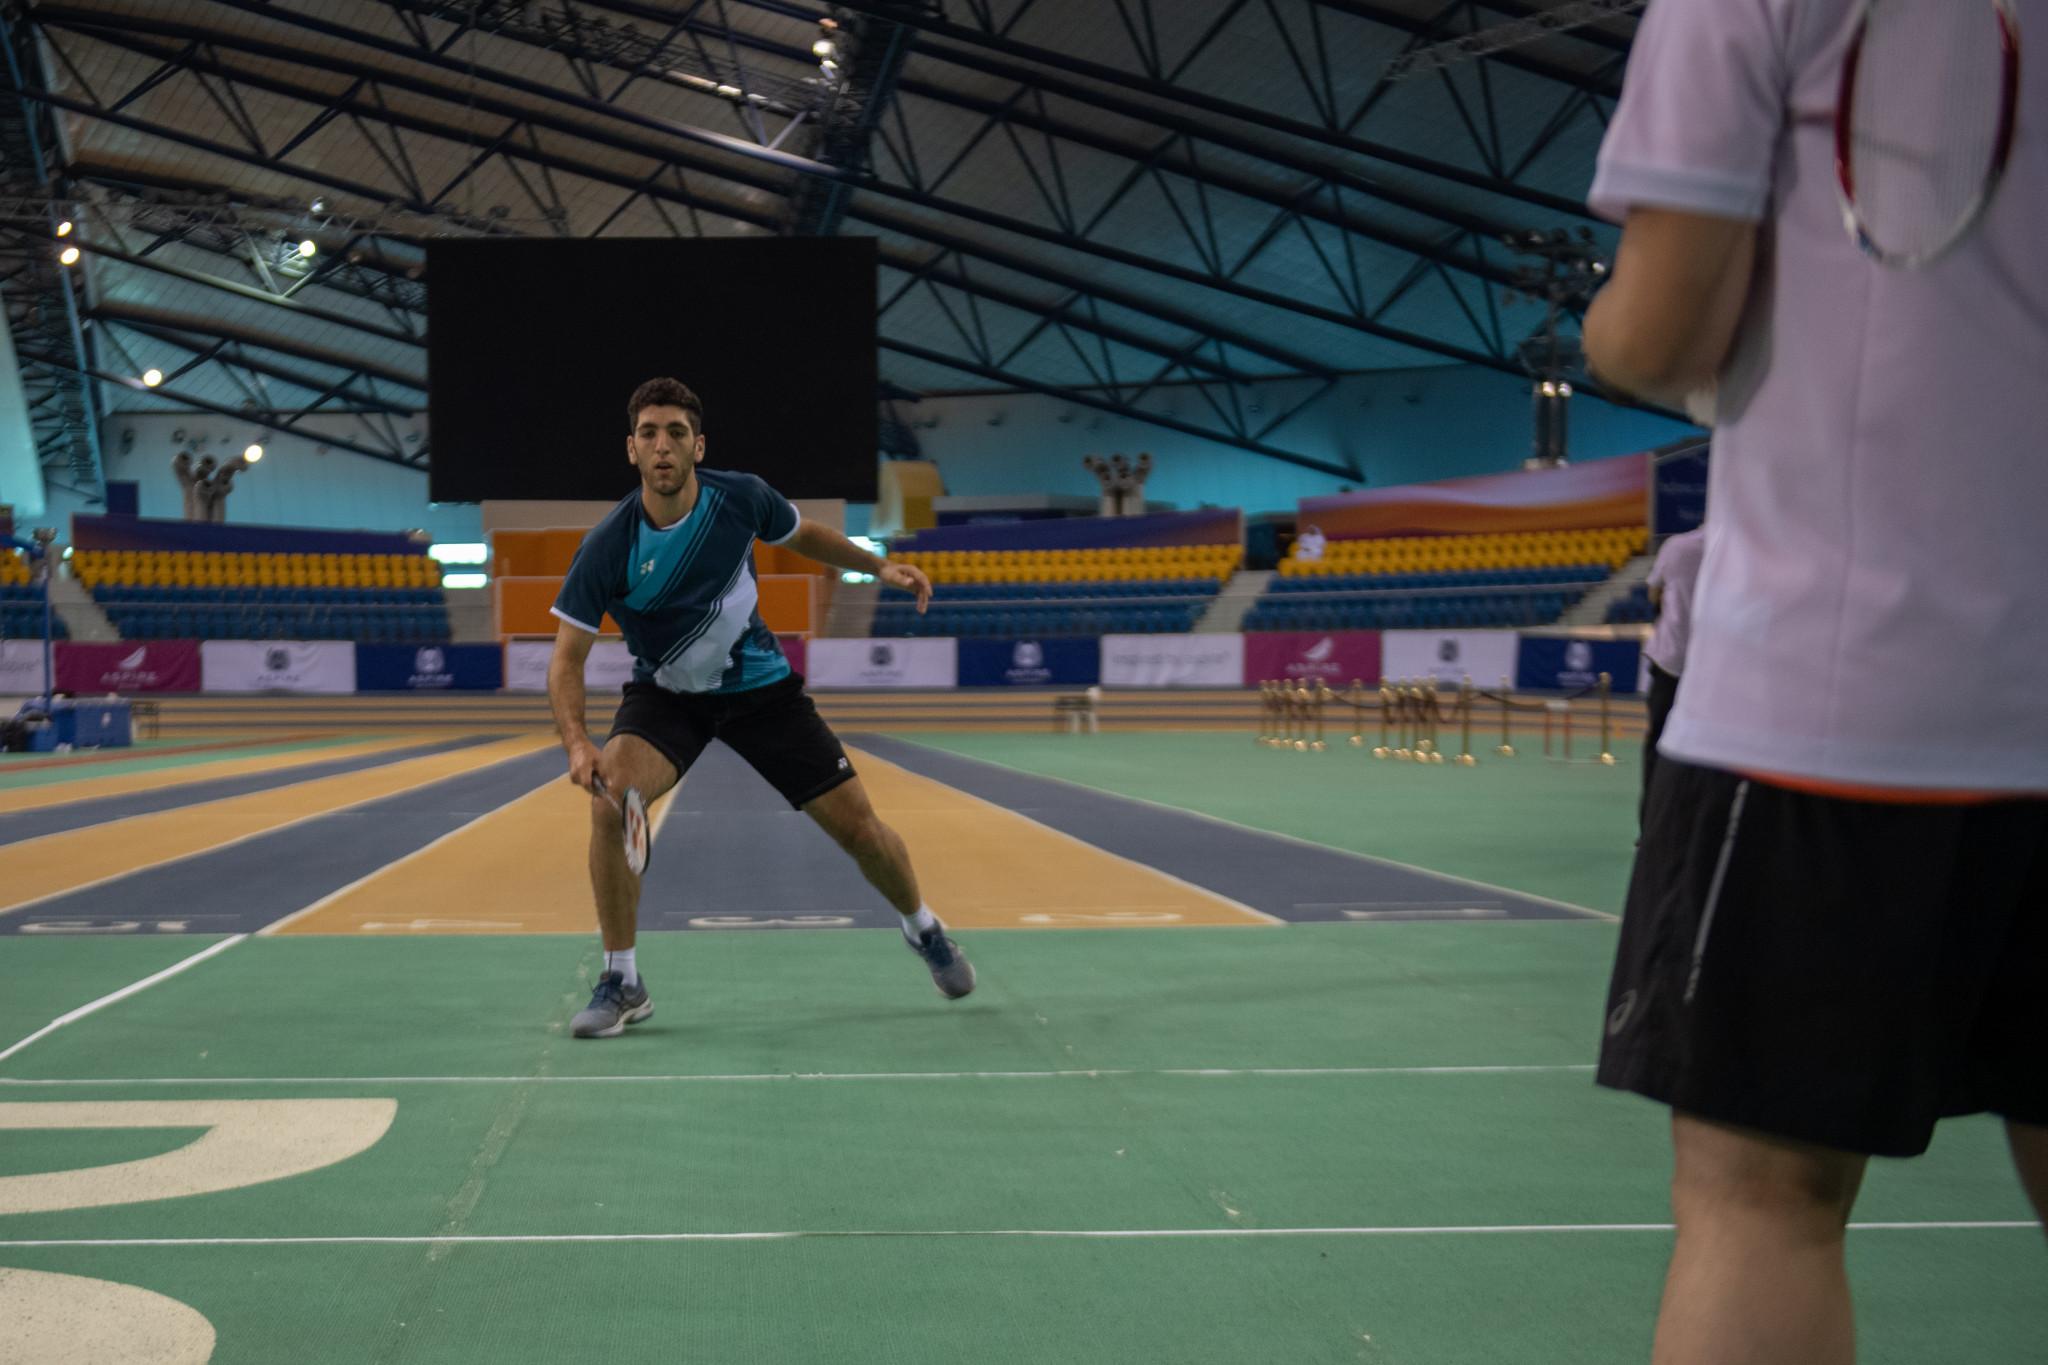 Les 29 membres de l'équipe olympique des réfugiés se sont entraînés pour les Jeux de Tokyo 2020 dans la zone Aspire de Doha.  © COQ